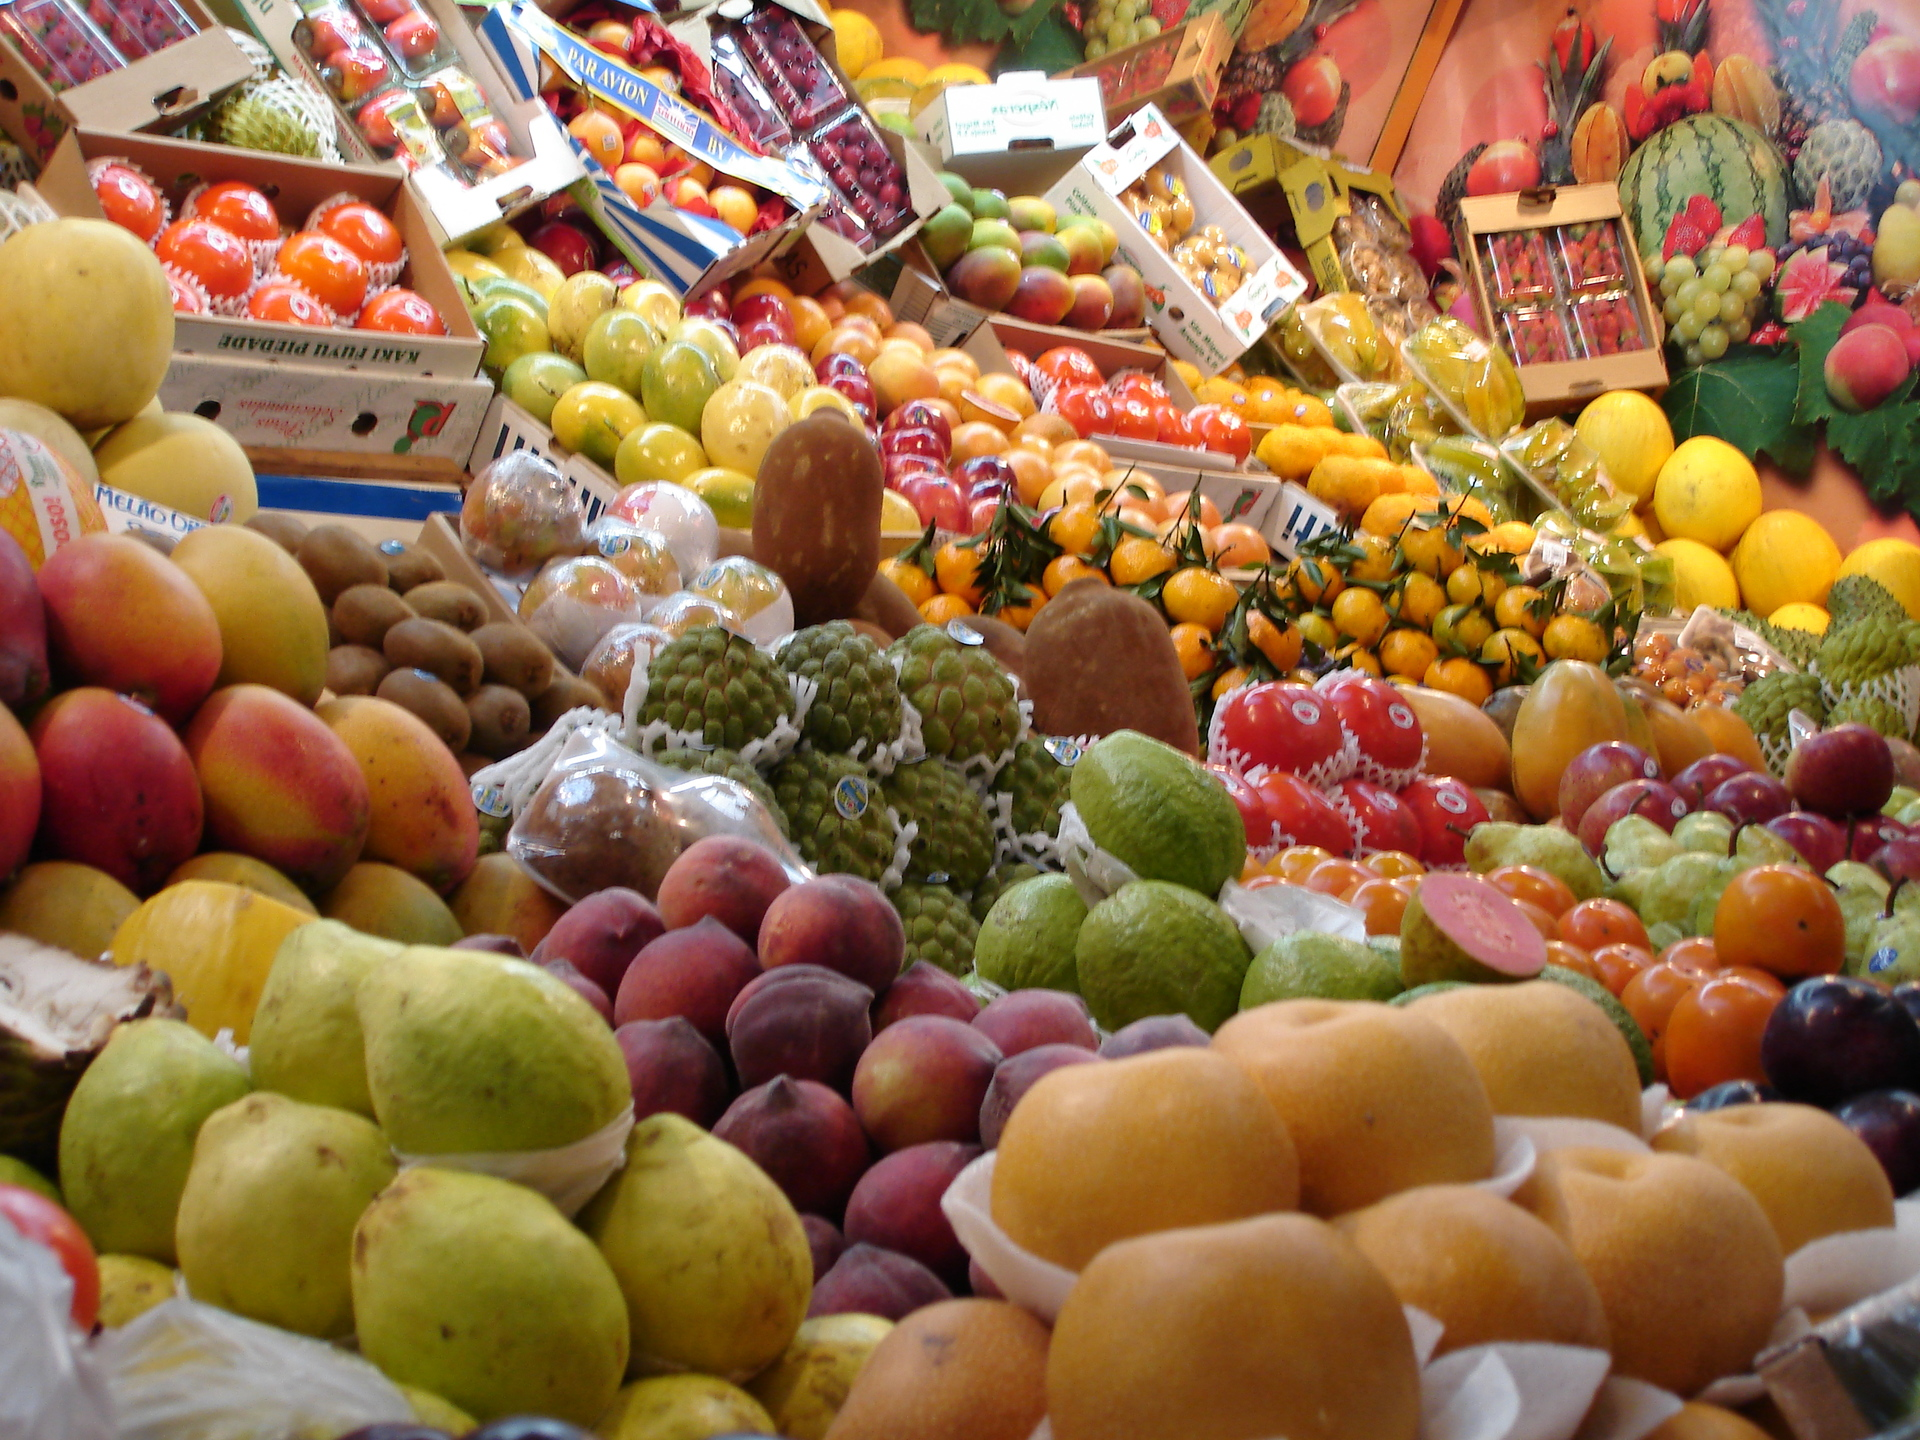 Supermarkten verkopen meer groente en fruit dan vorig jaar